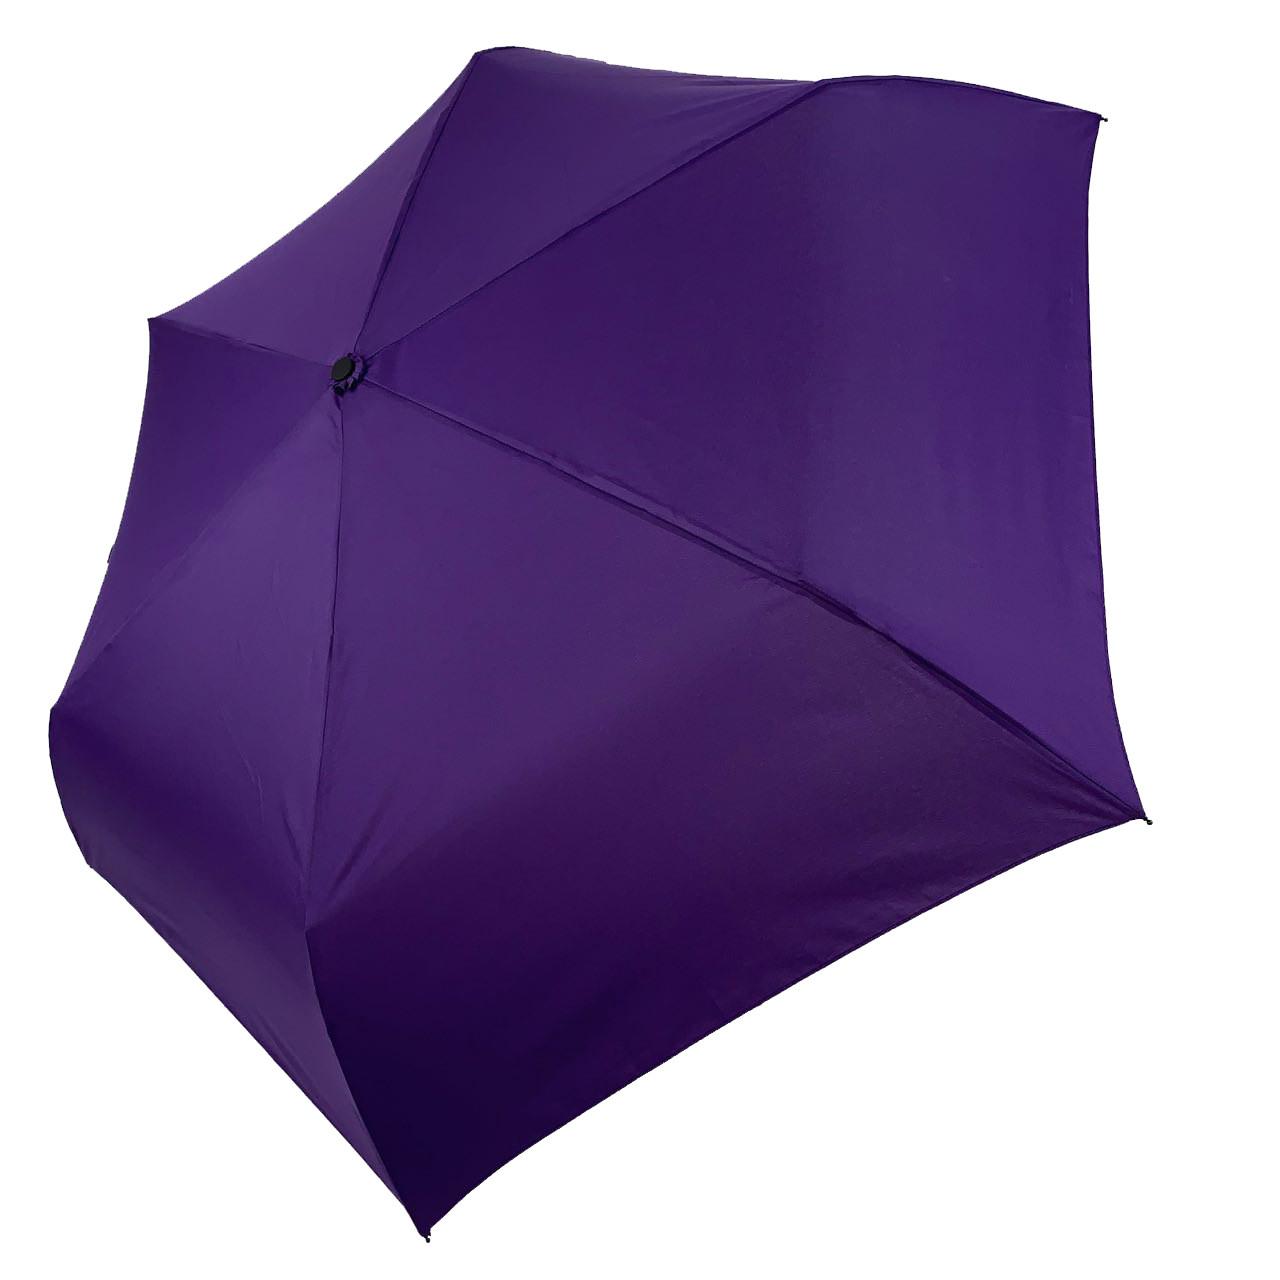 Детский / подростковый механический зонт-карандаш SL, фиолетовый, SL488-3